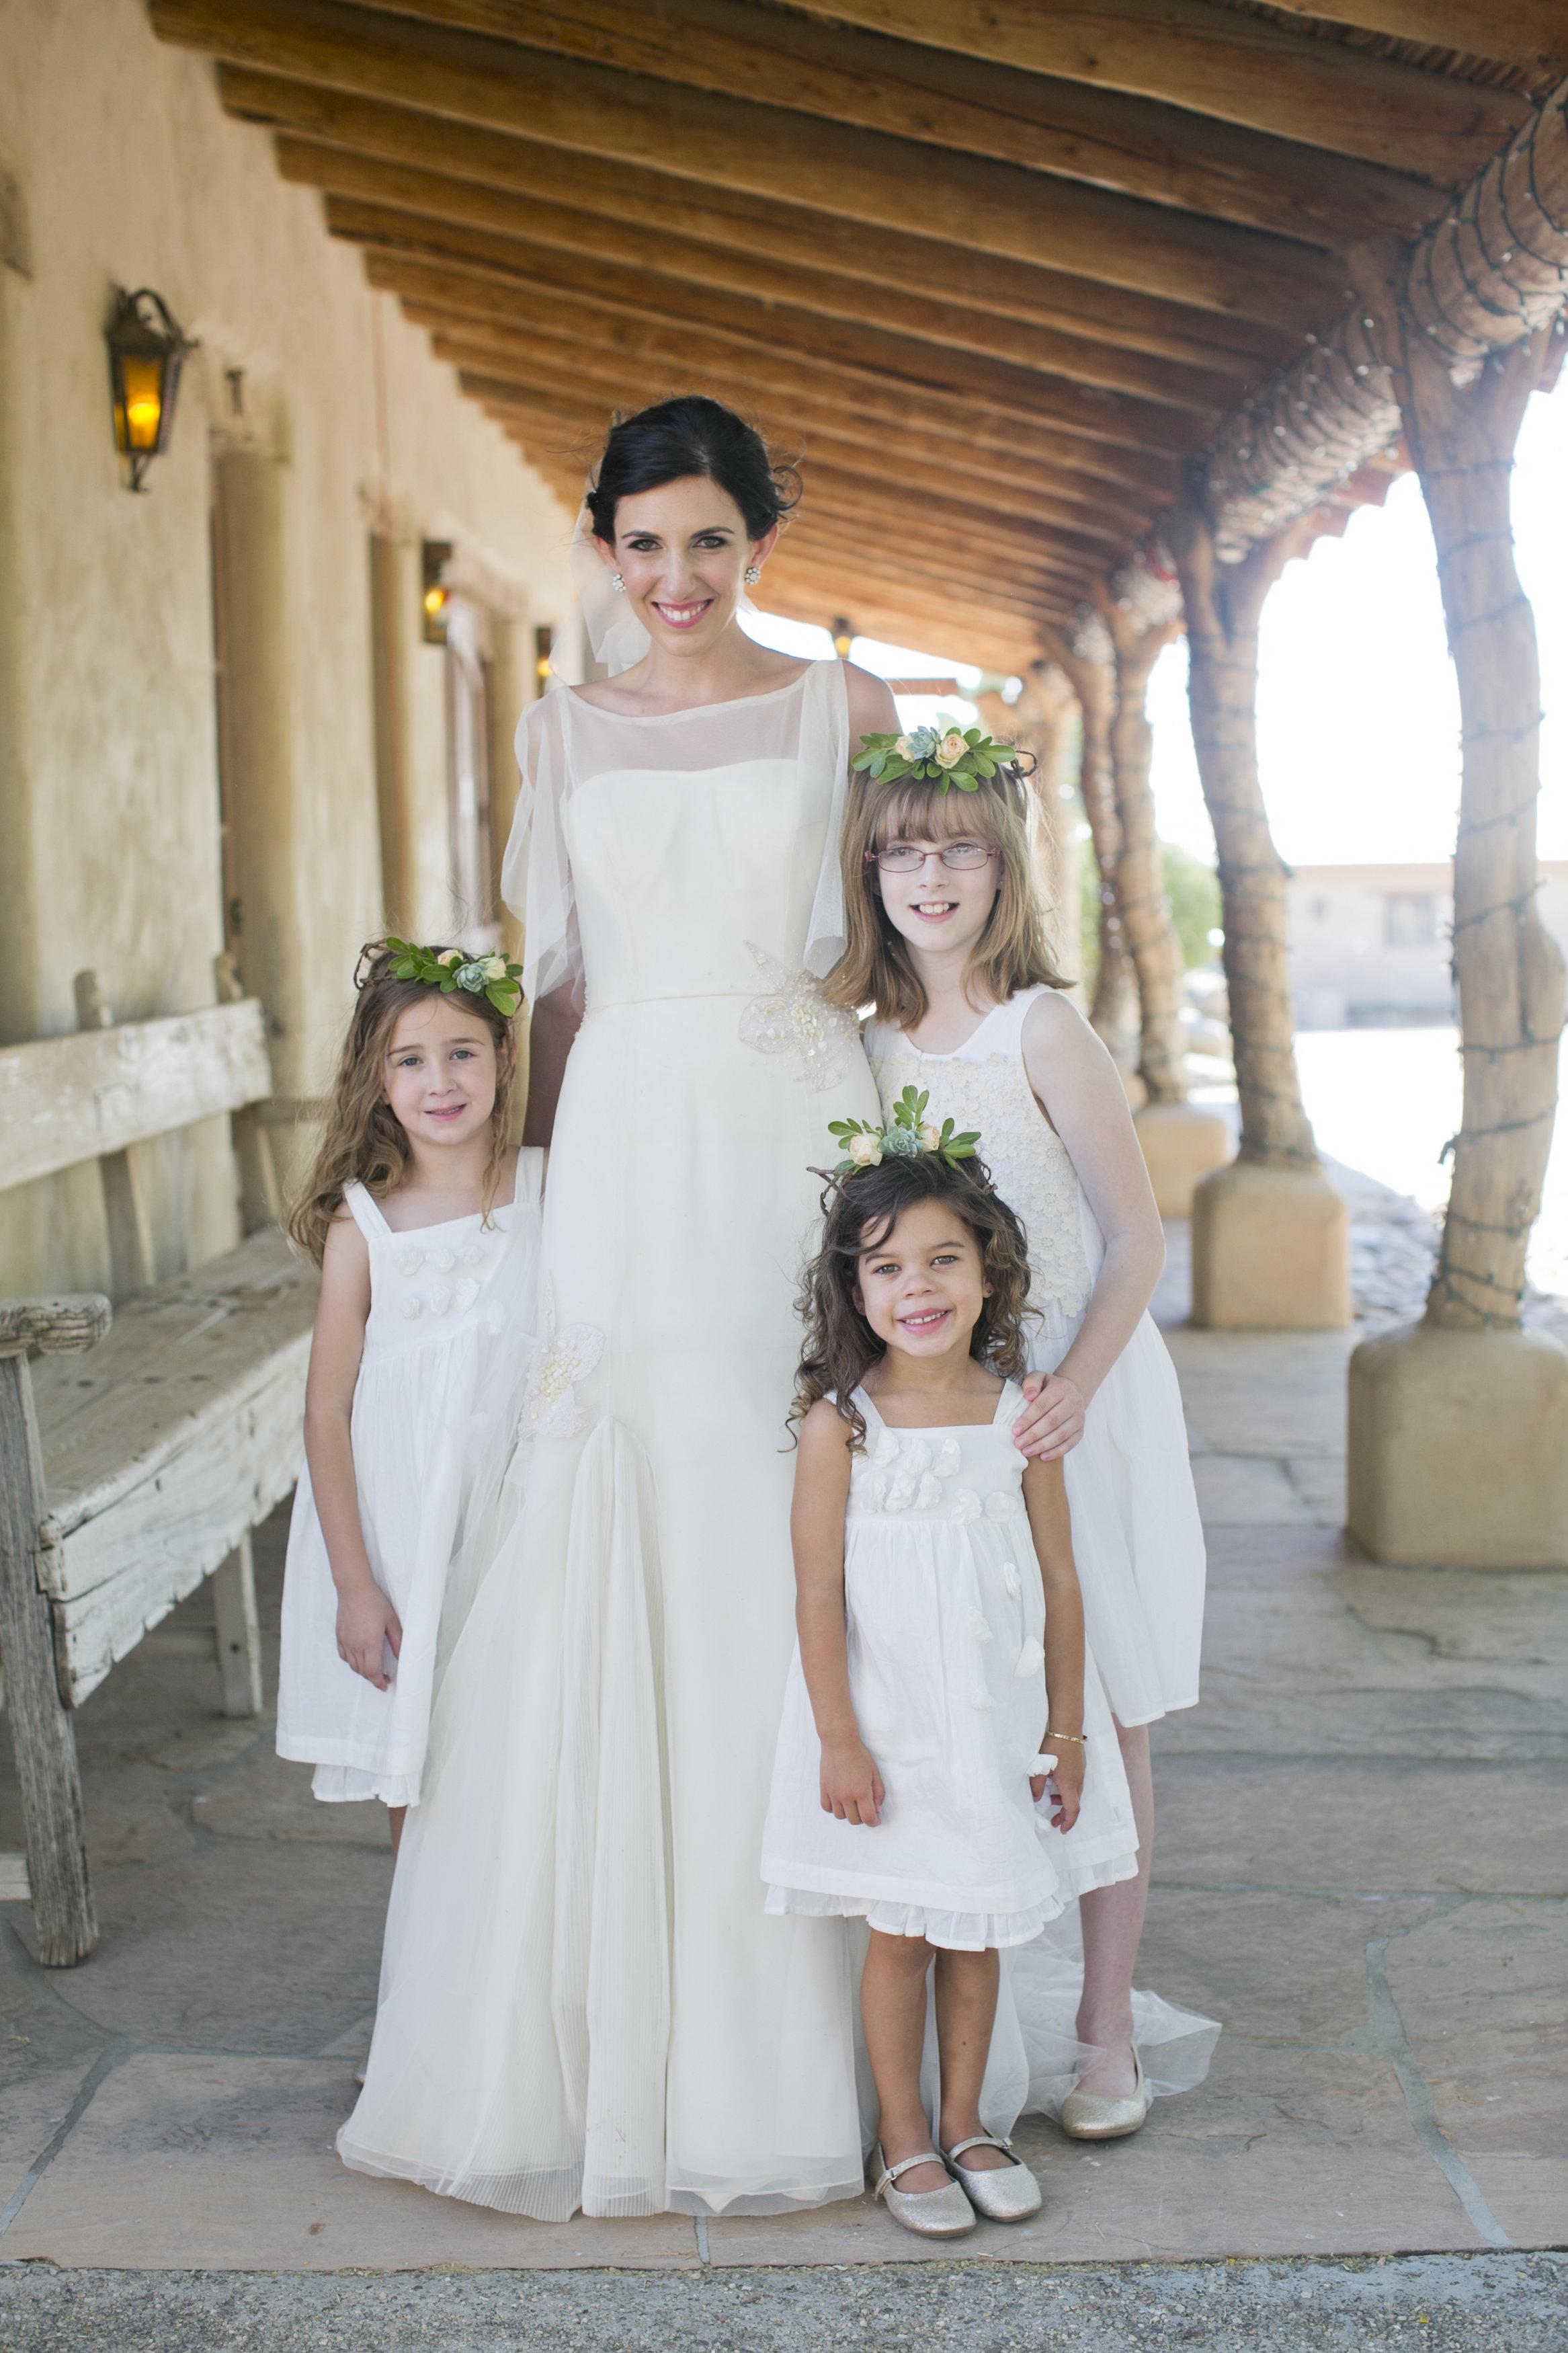 Ceci_New_York_Ceci_Style_Ceci_Johnson_Luxury_Lifestyle_Arizona_Wedding_Watercolor_Inspiration_Design_Custom_Couture_Personalized_Invitations_79.jpg